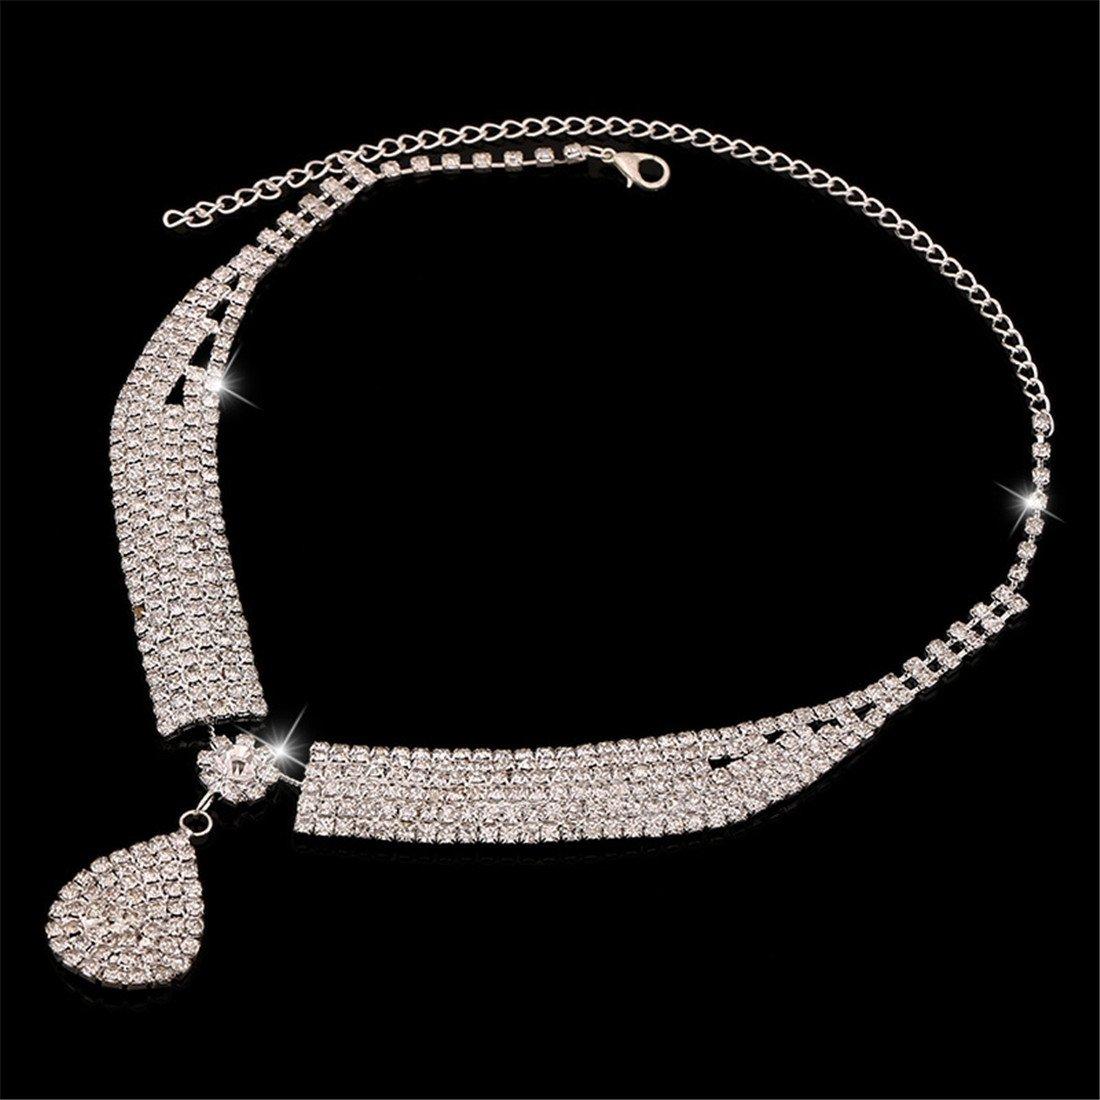 FANCY LOVE Crystal Rhinestone Bridal Necklace Earrings Jewelry Sets by FANCY LOVE JEWELRY (Image #5)